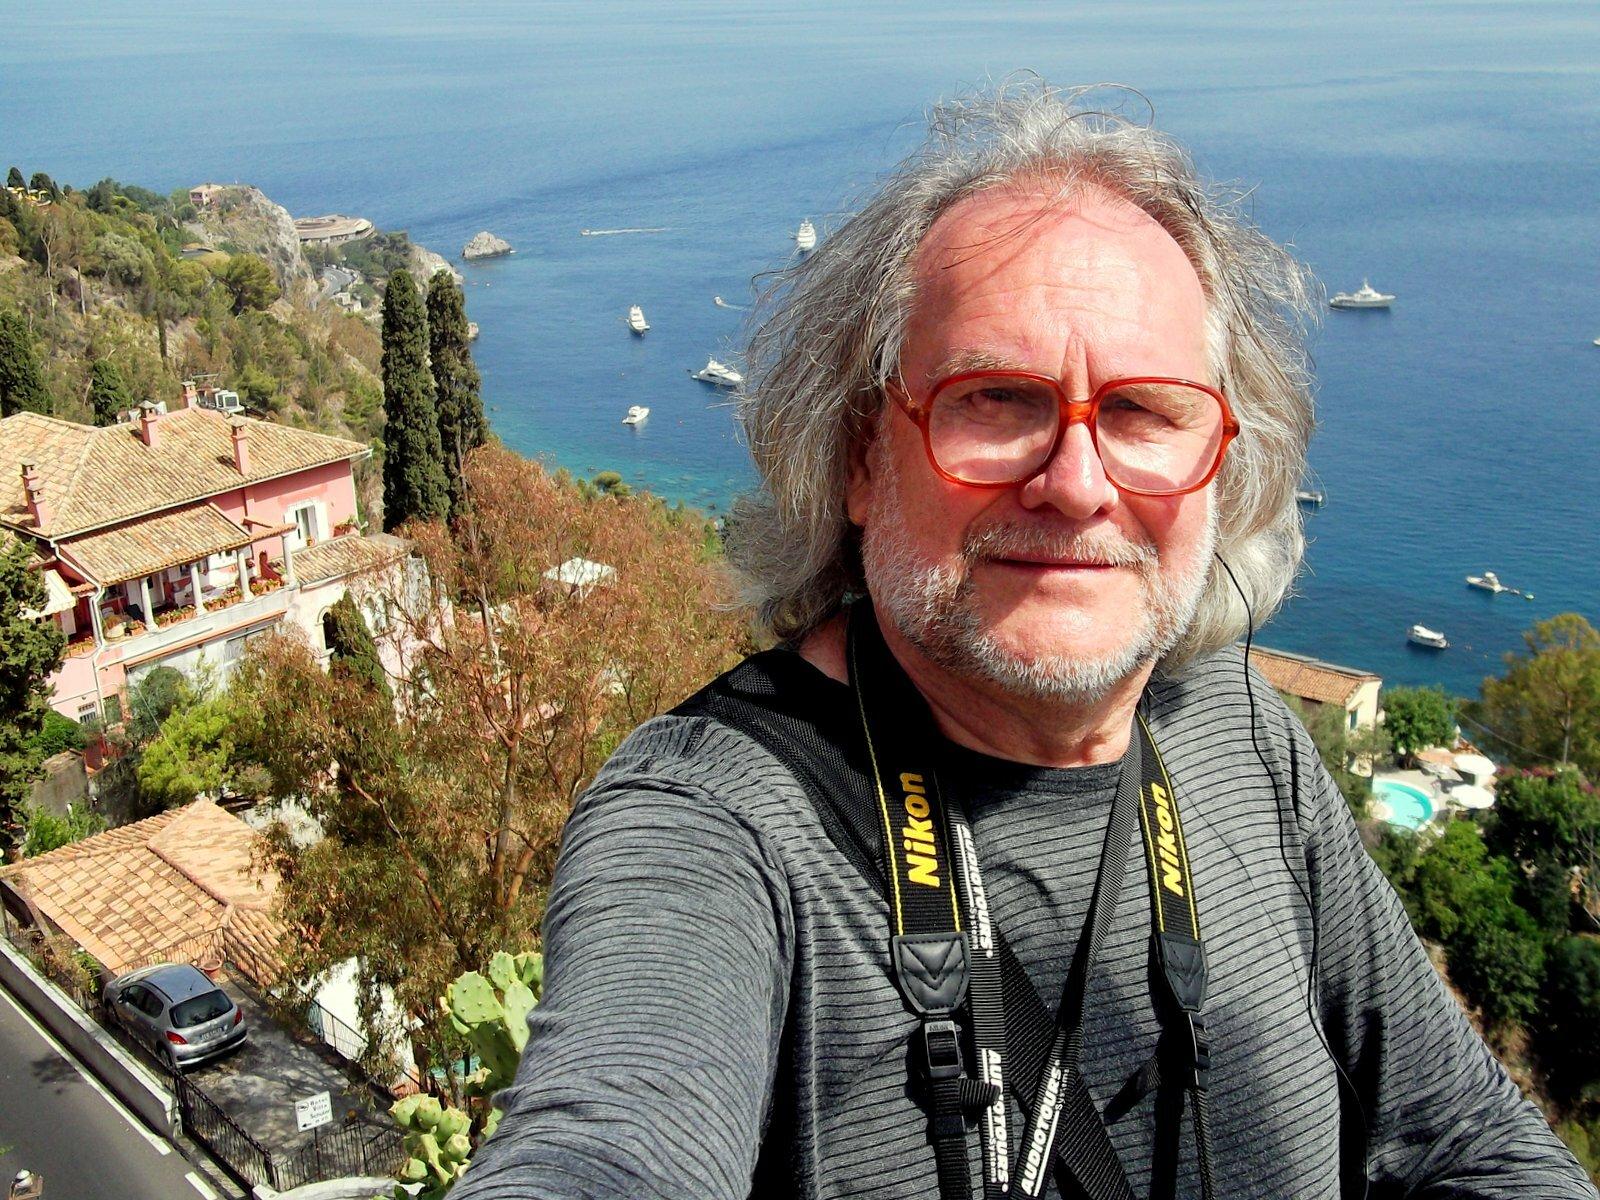 ИТАЛИЯ, остров Сицилия. Город-курорт Таормина (16 июля 2018 года)